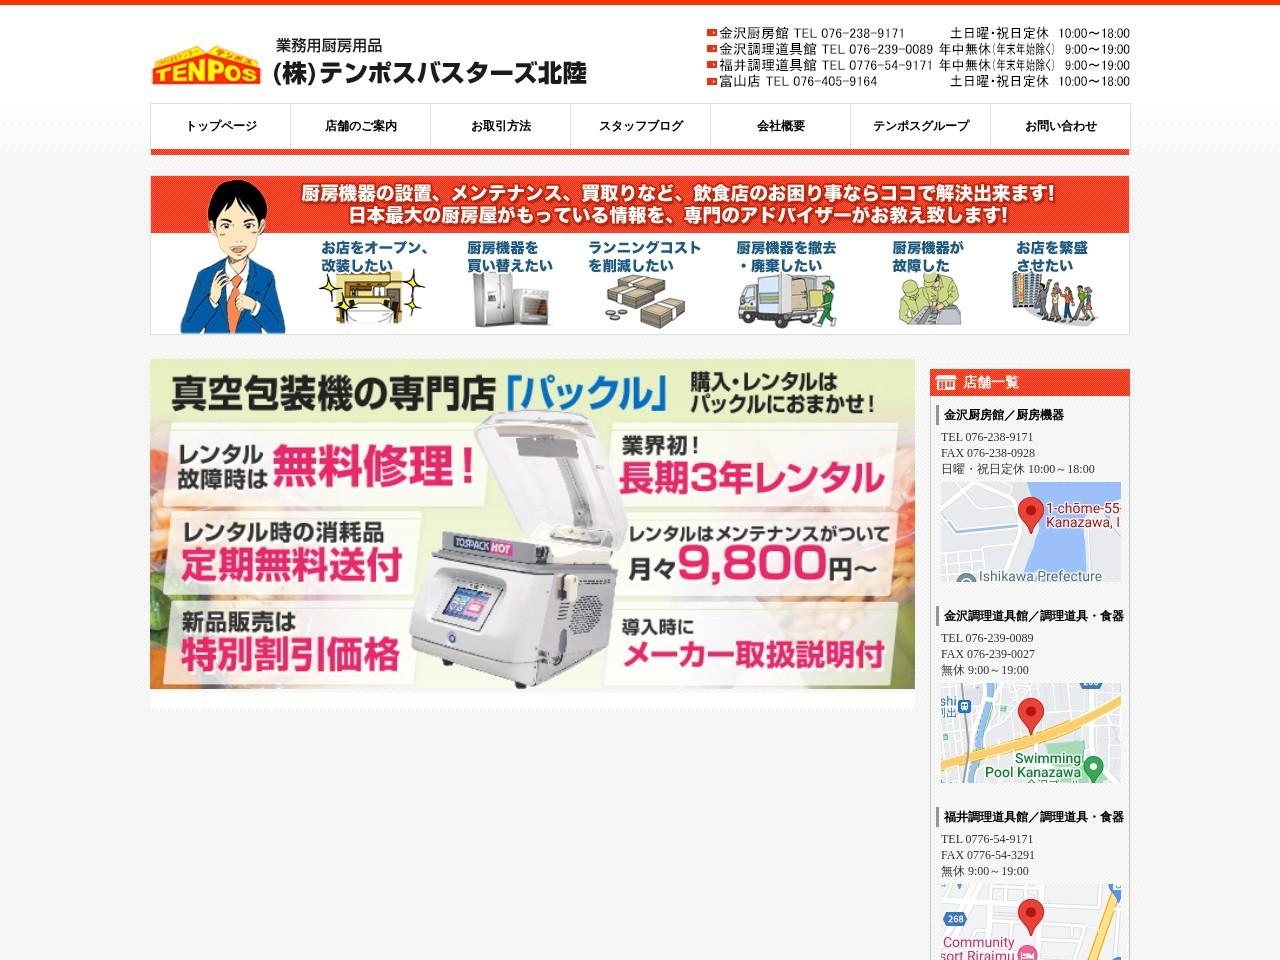 テンポス福井調理道具館